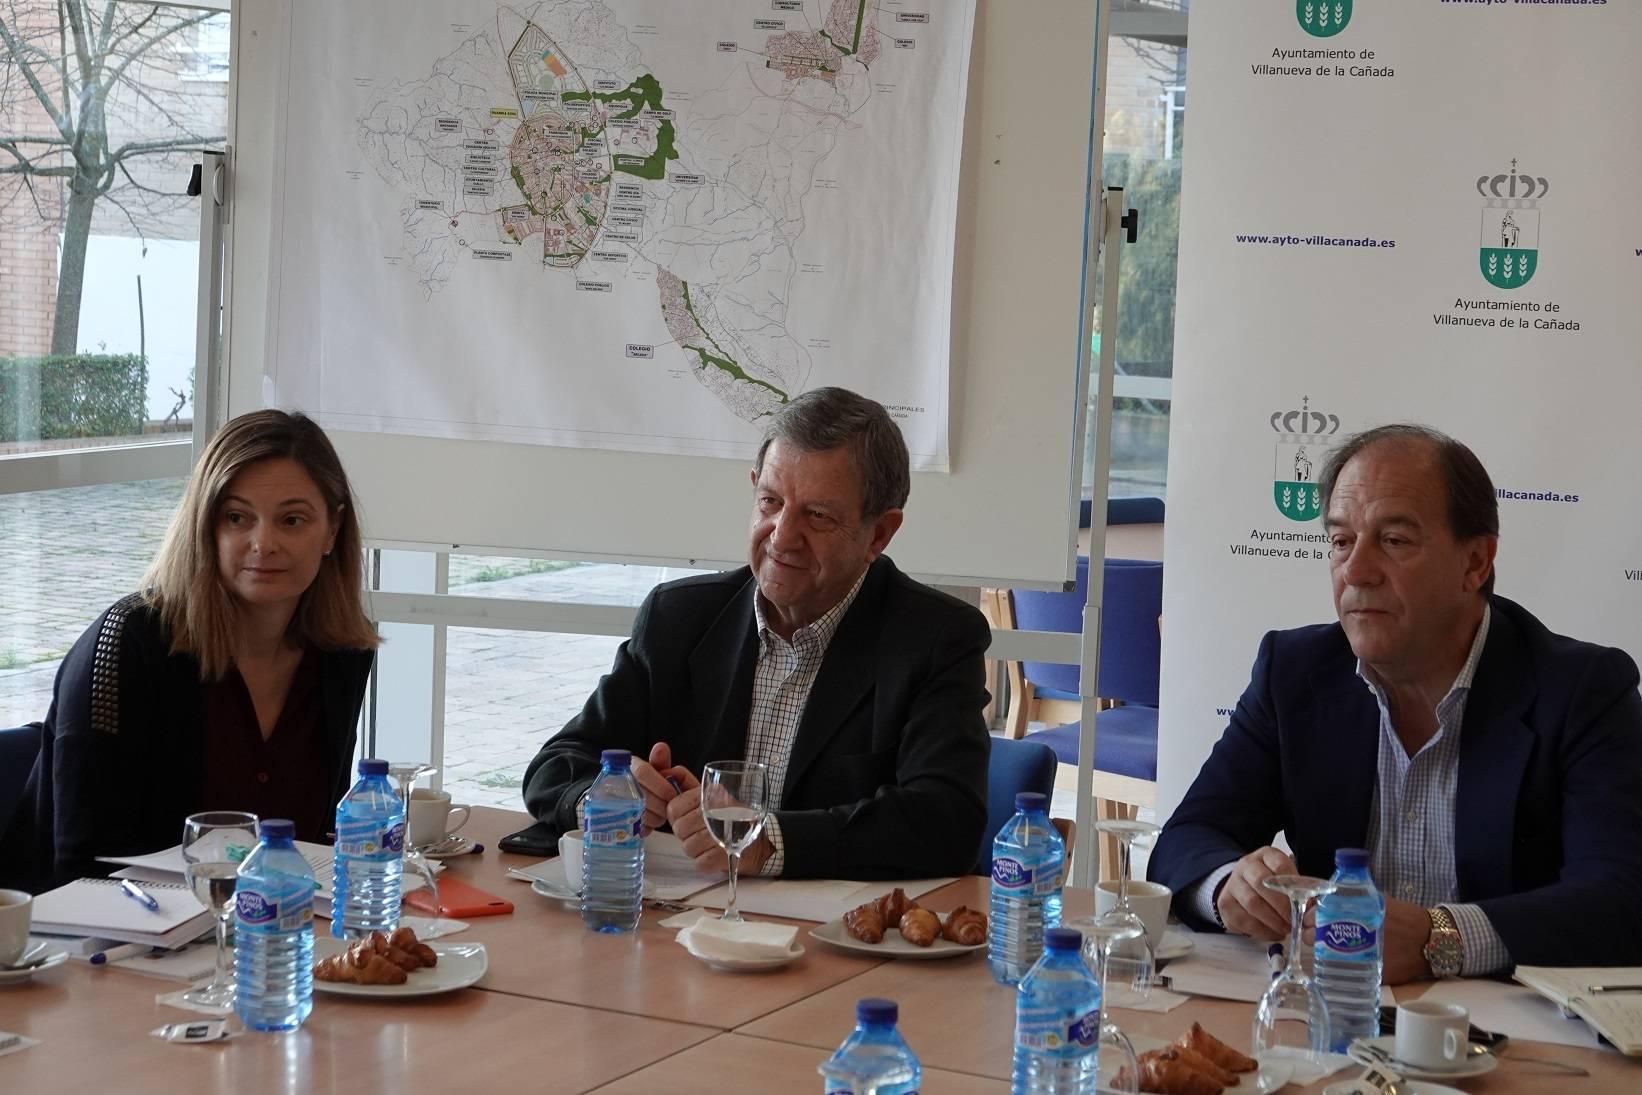 El regidor villanovense y la concejala acompañados del teniente de alcalde, Enrique Serrano.